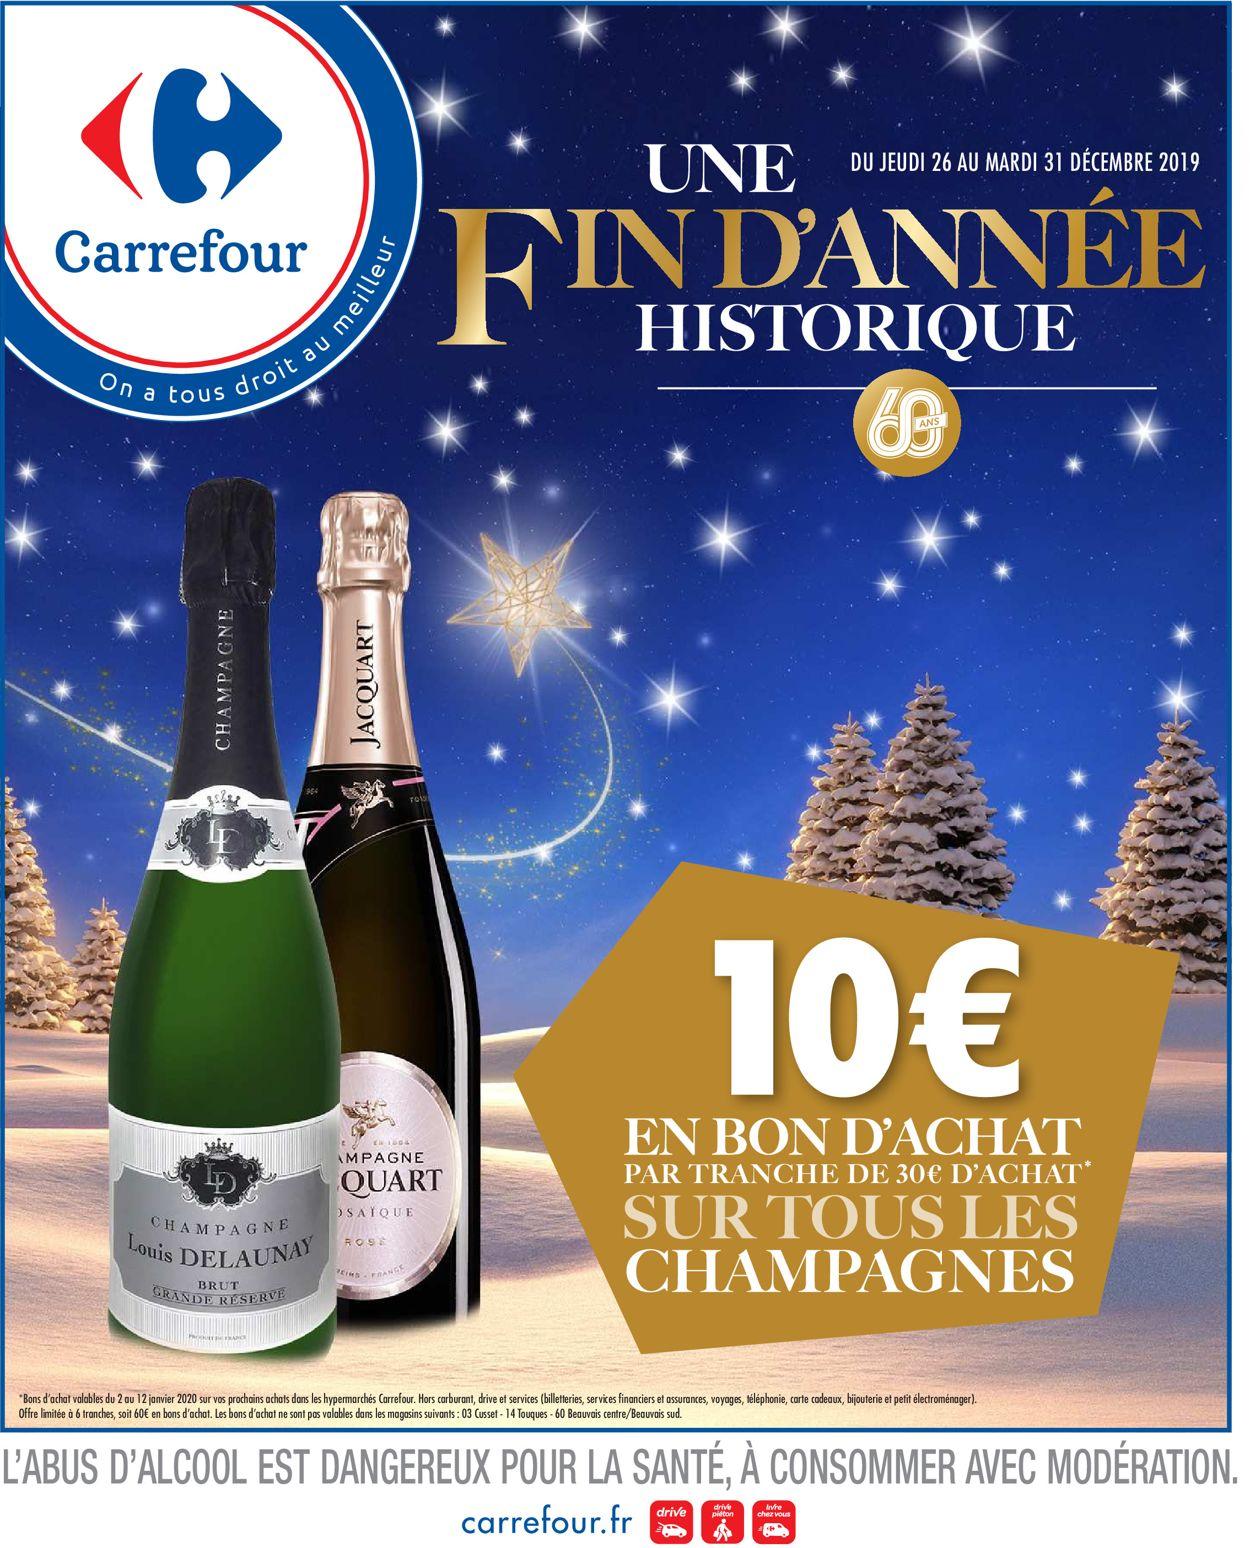 Catalogue du Nouvel An Carrefour Carrefour Catalogue - 26.12-31.12.2019